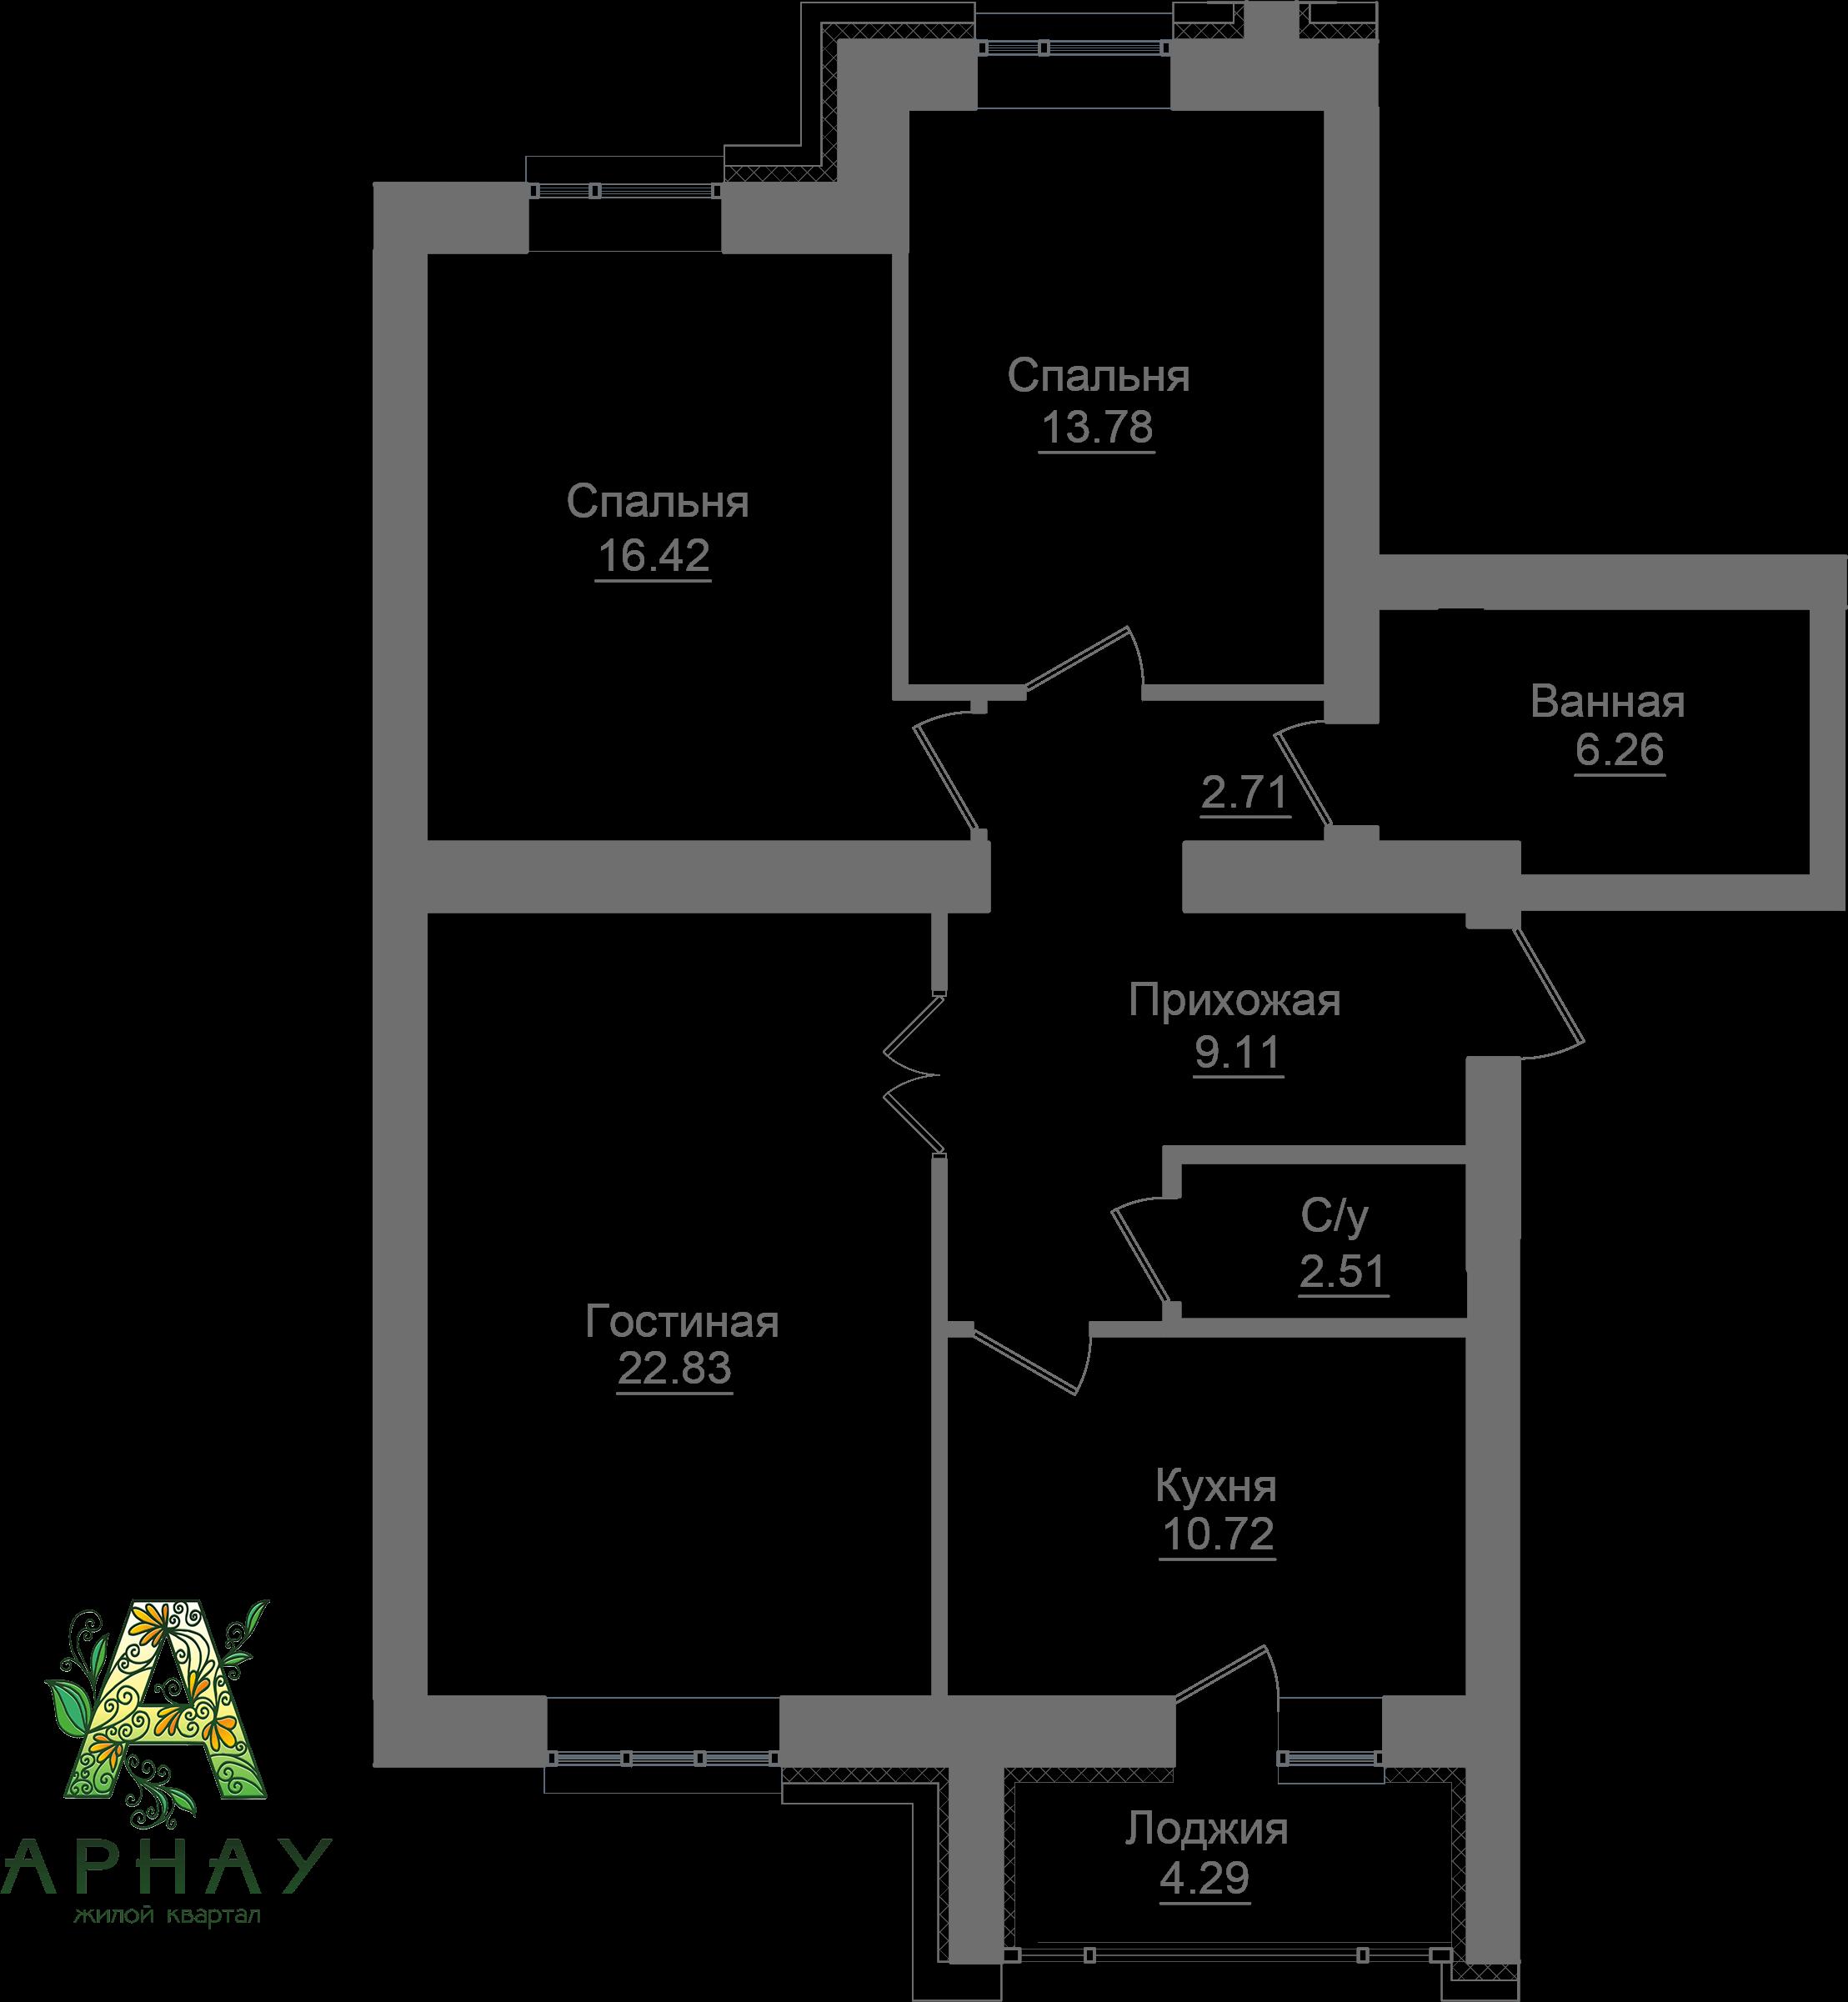 Квартира 119